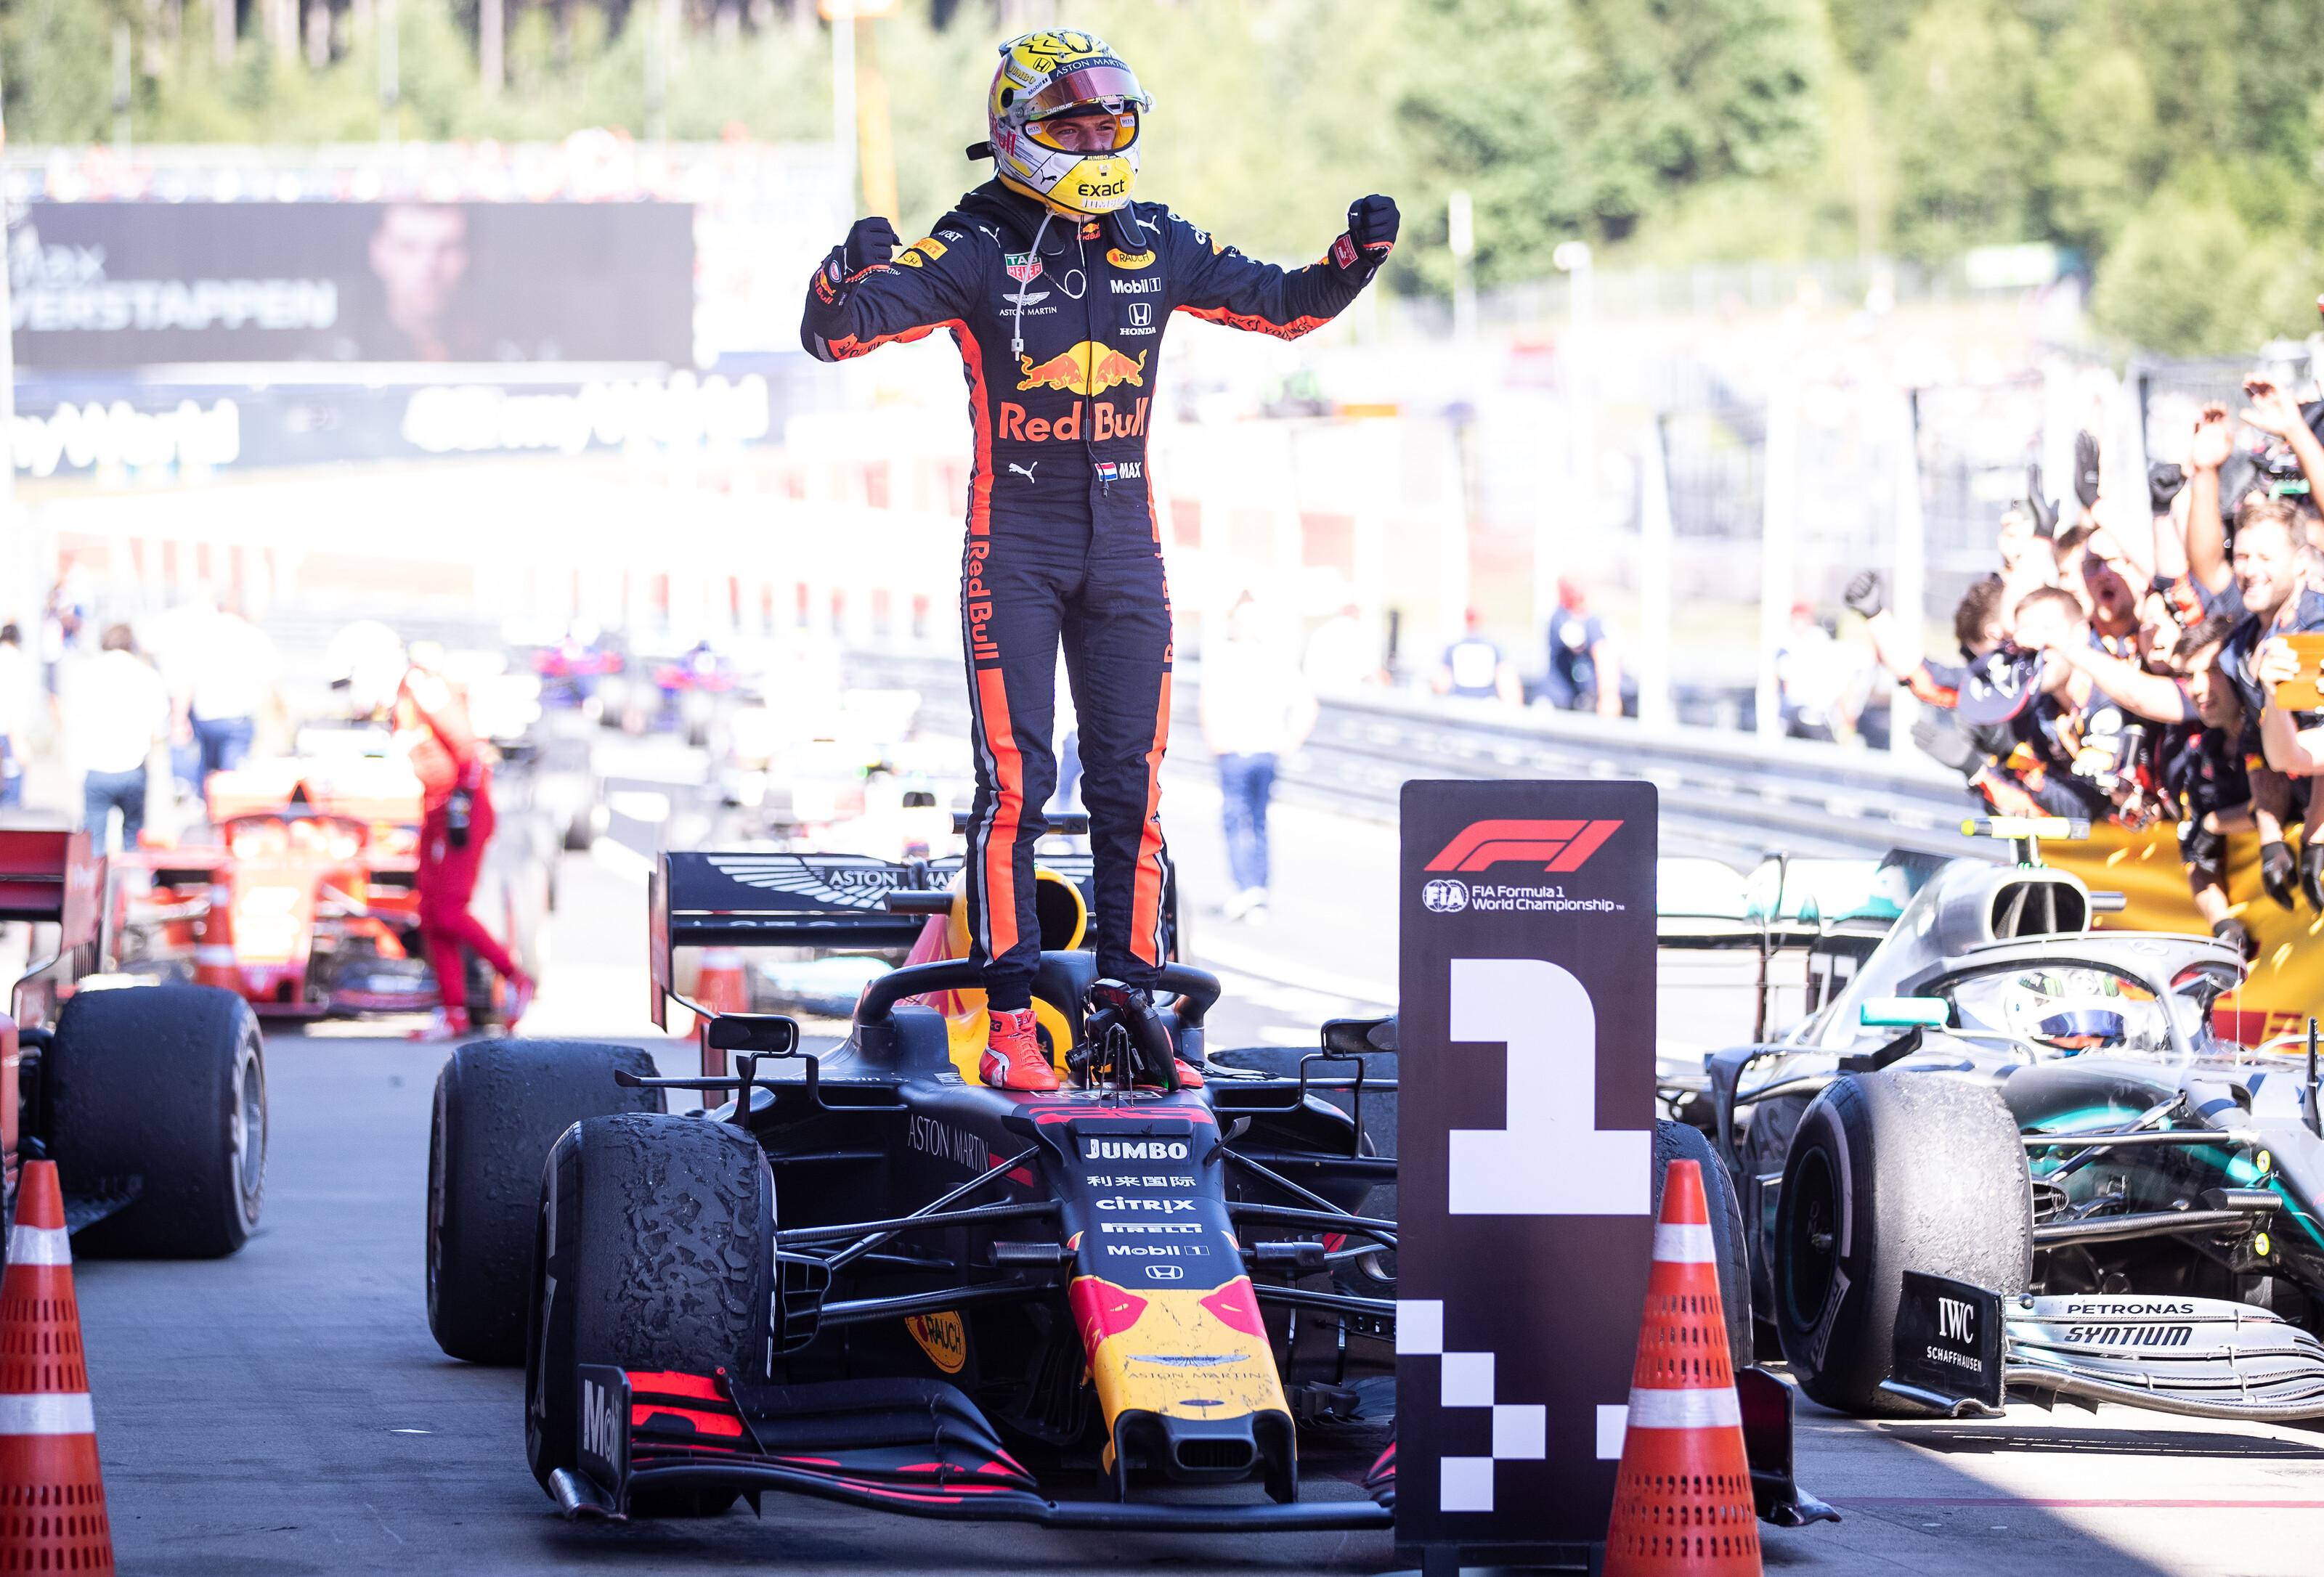 F1: Verstappen vitatható manőverrel ütötte el Leclerc-t a győzelemtől